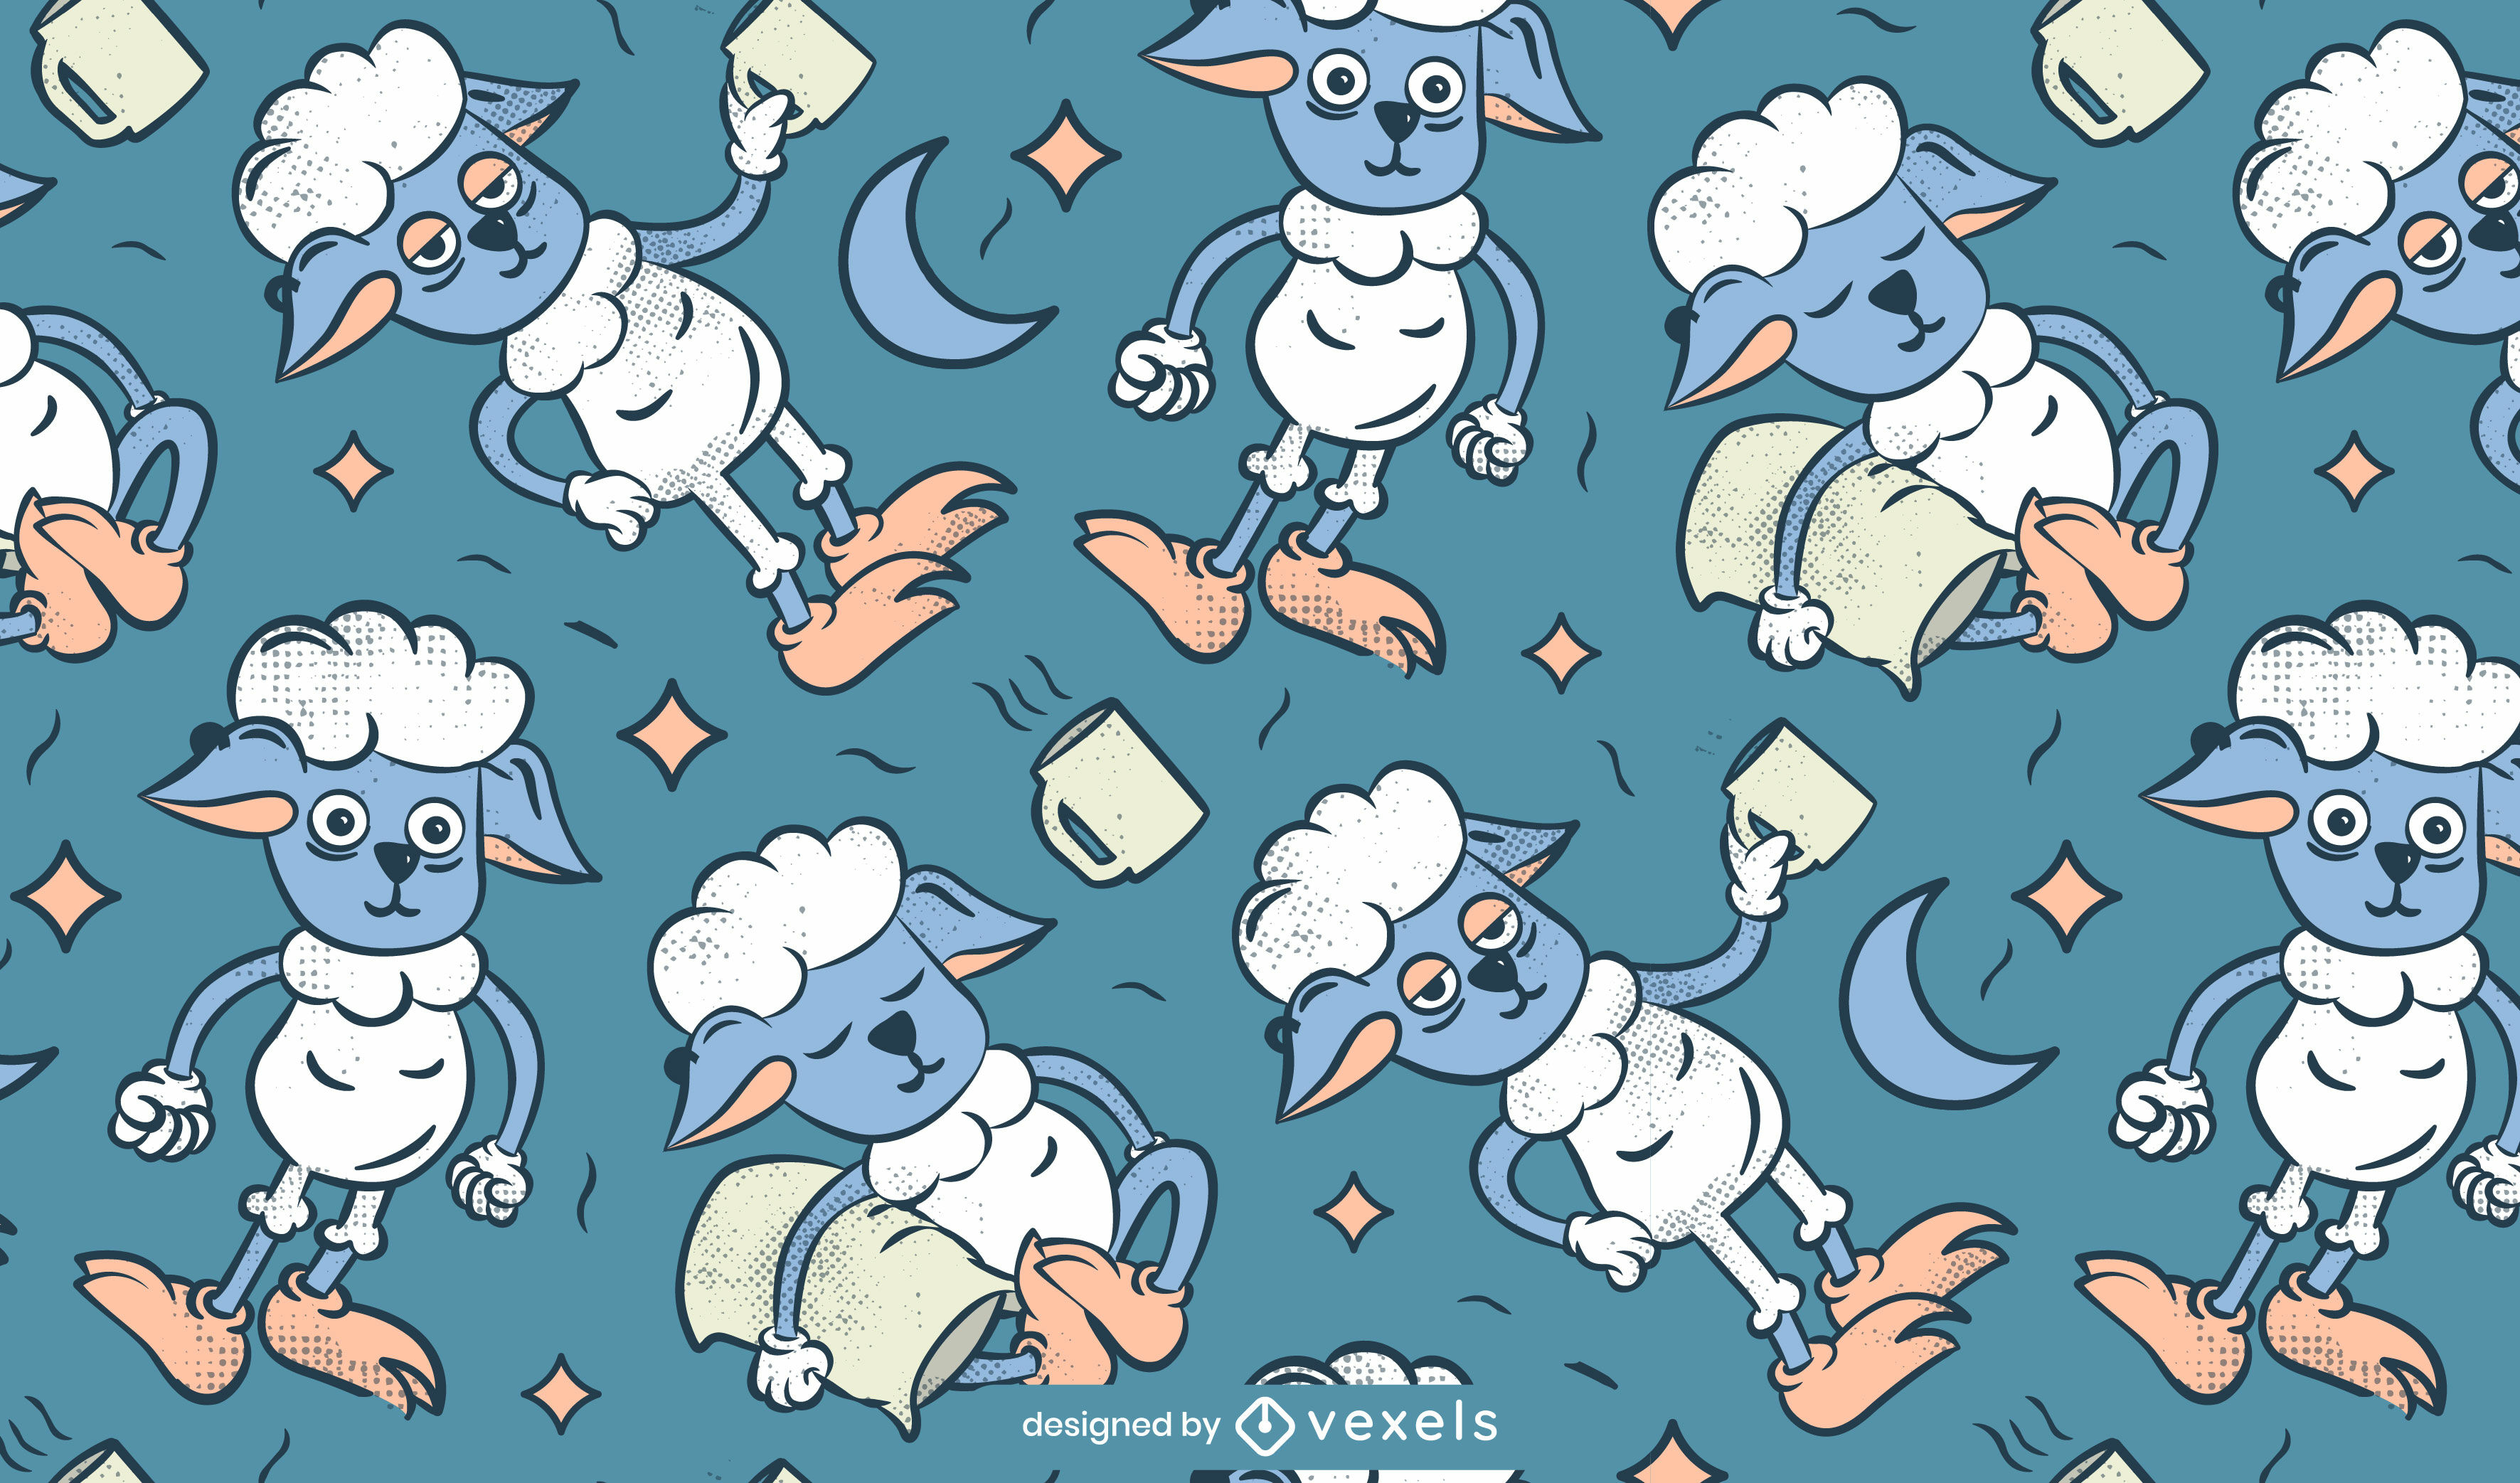 Sheep animal cartoon pattern design